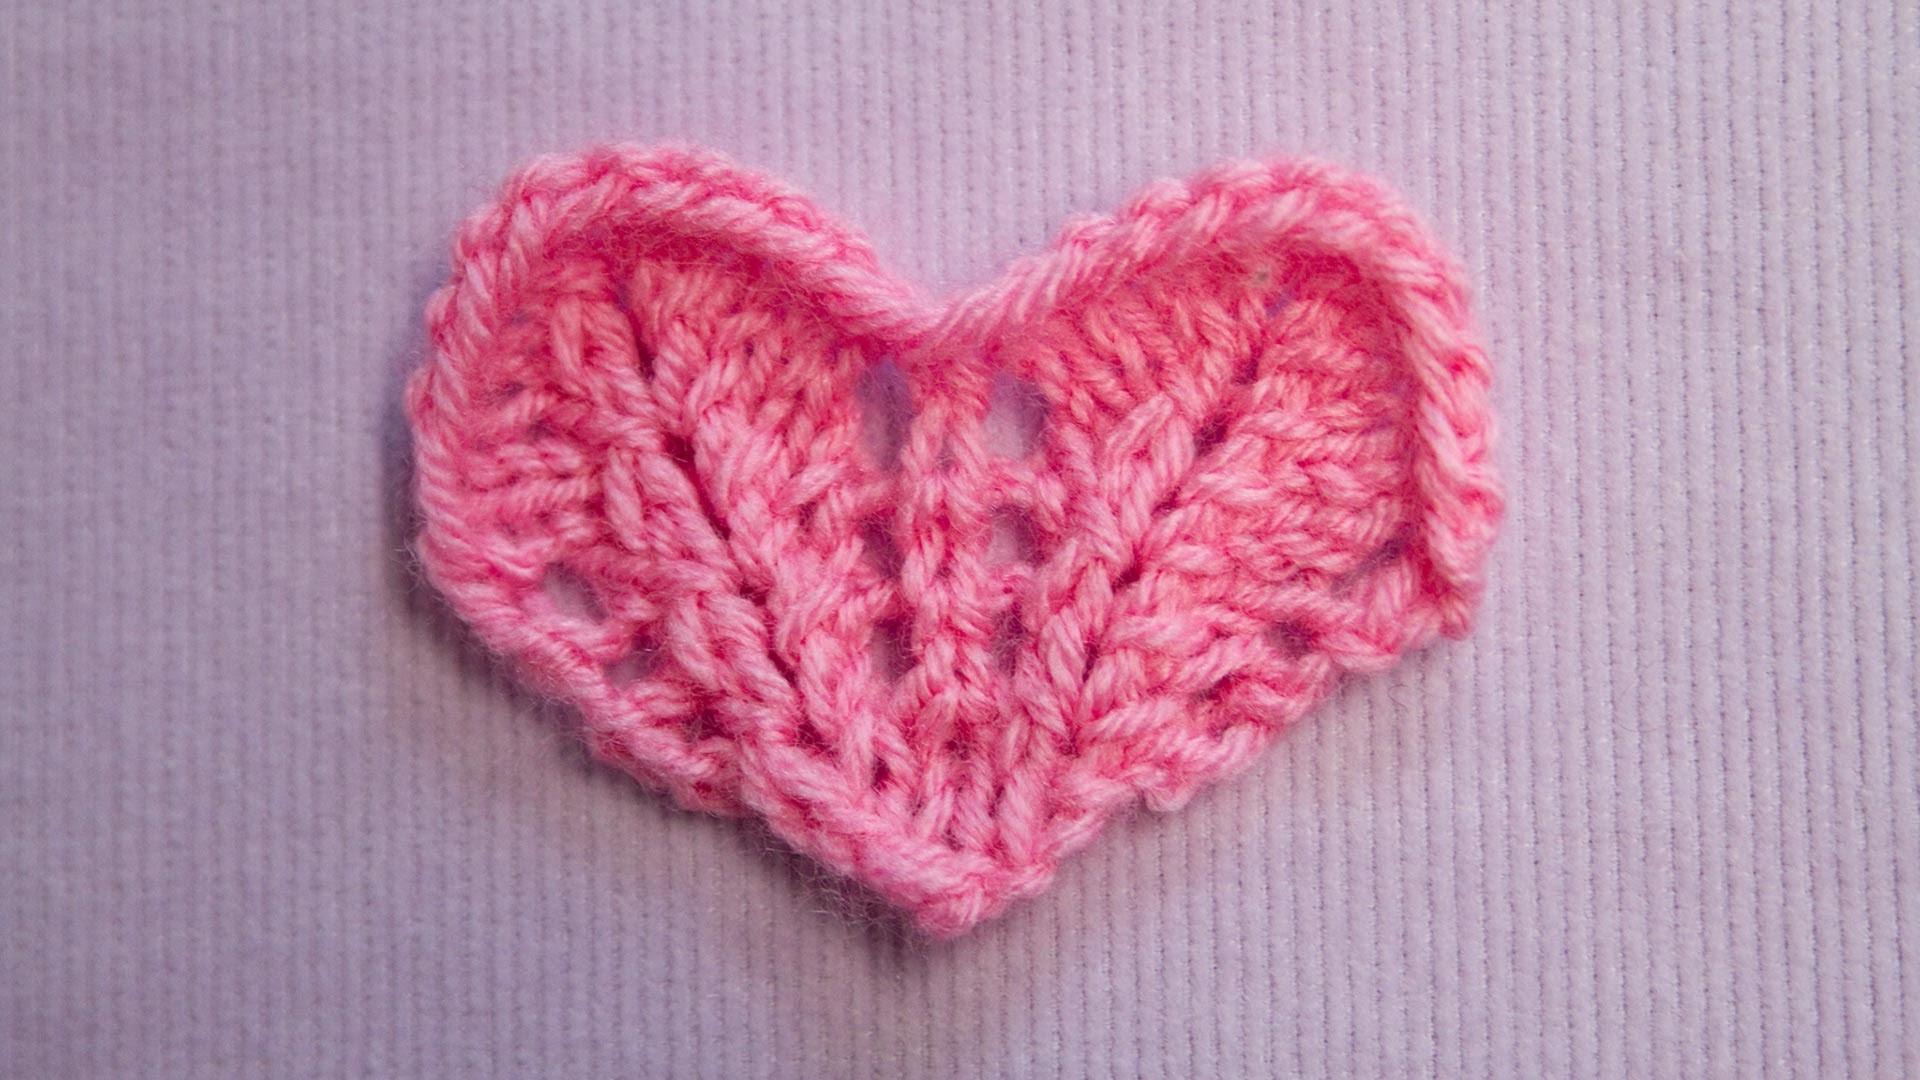 Ein kleines Herz stricken - Knitting a small Heart - Strickmuster Knitting pattern